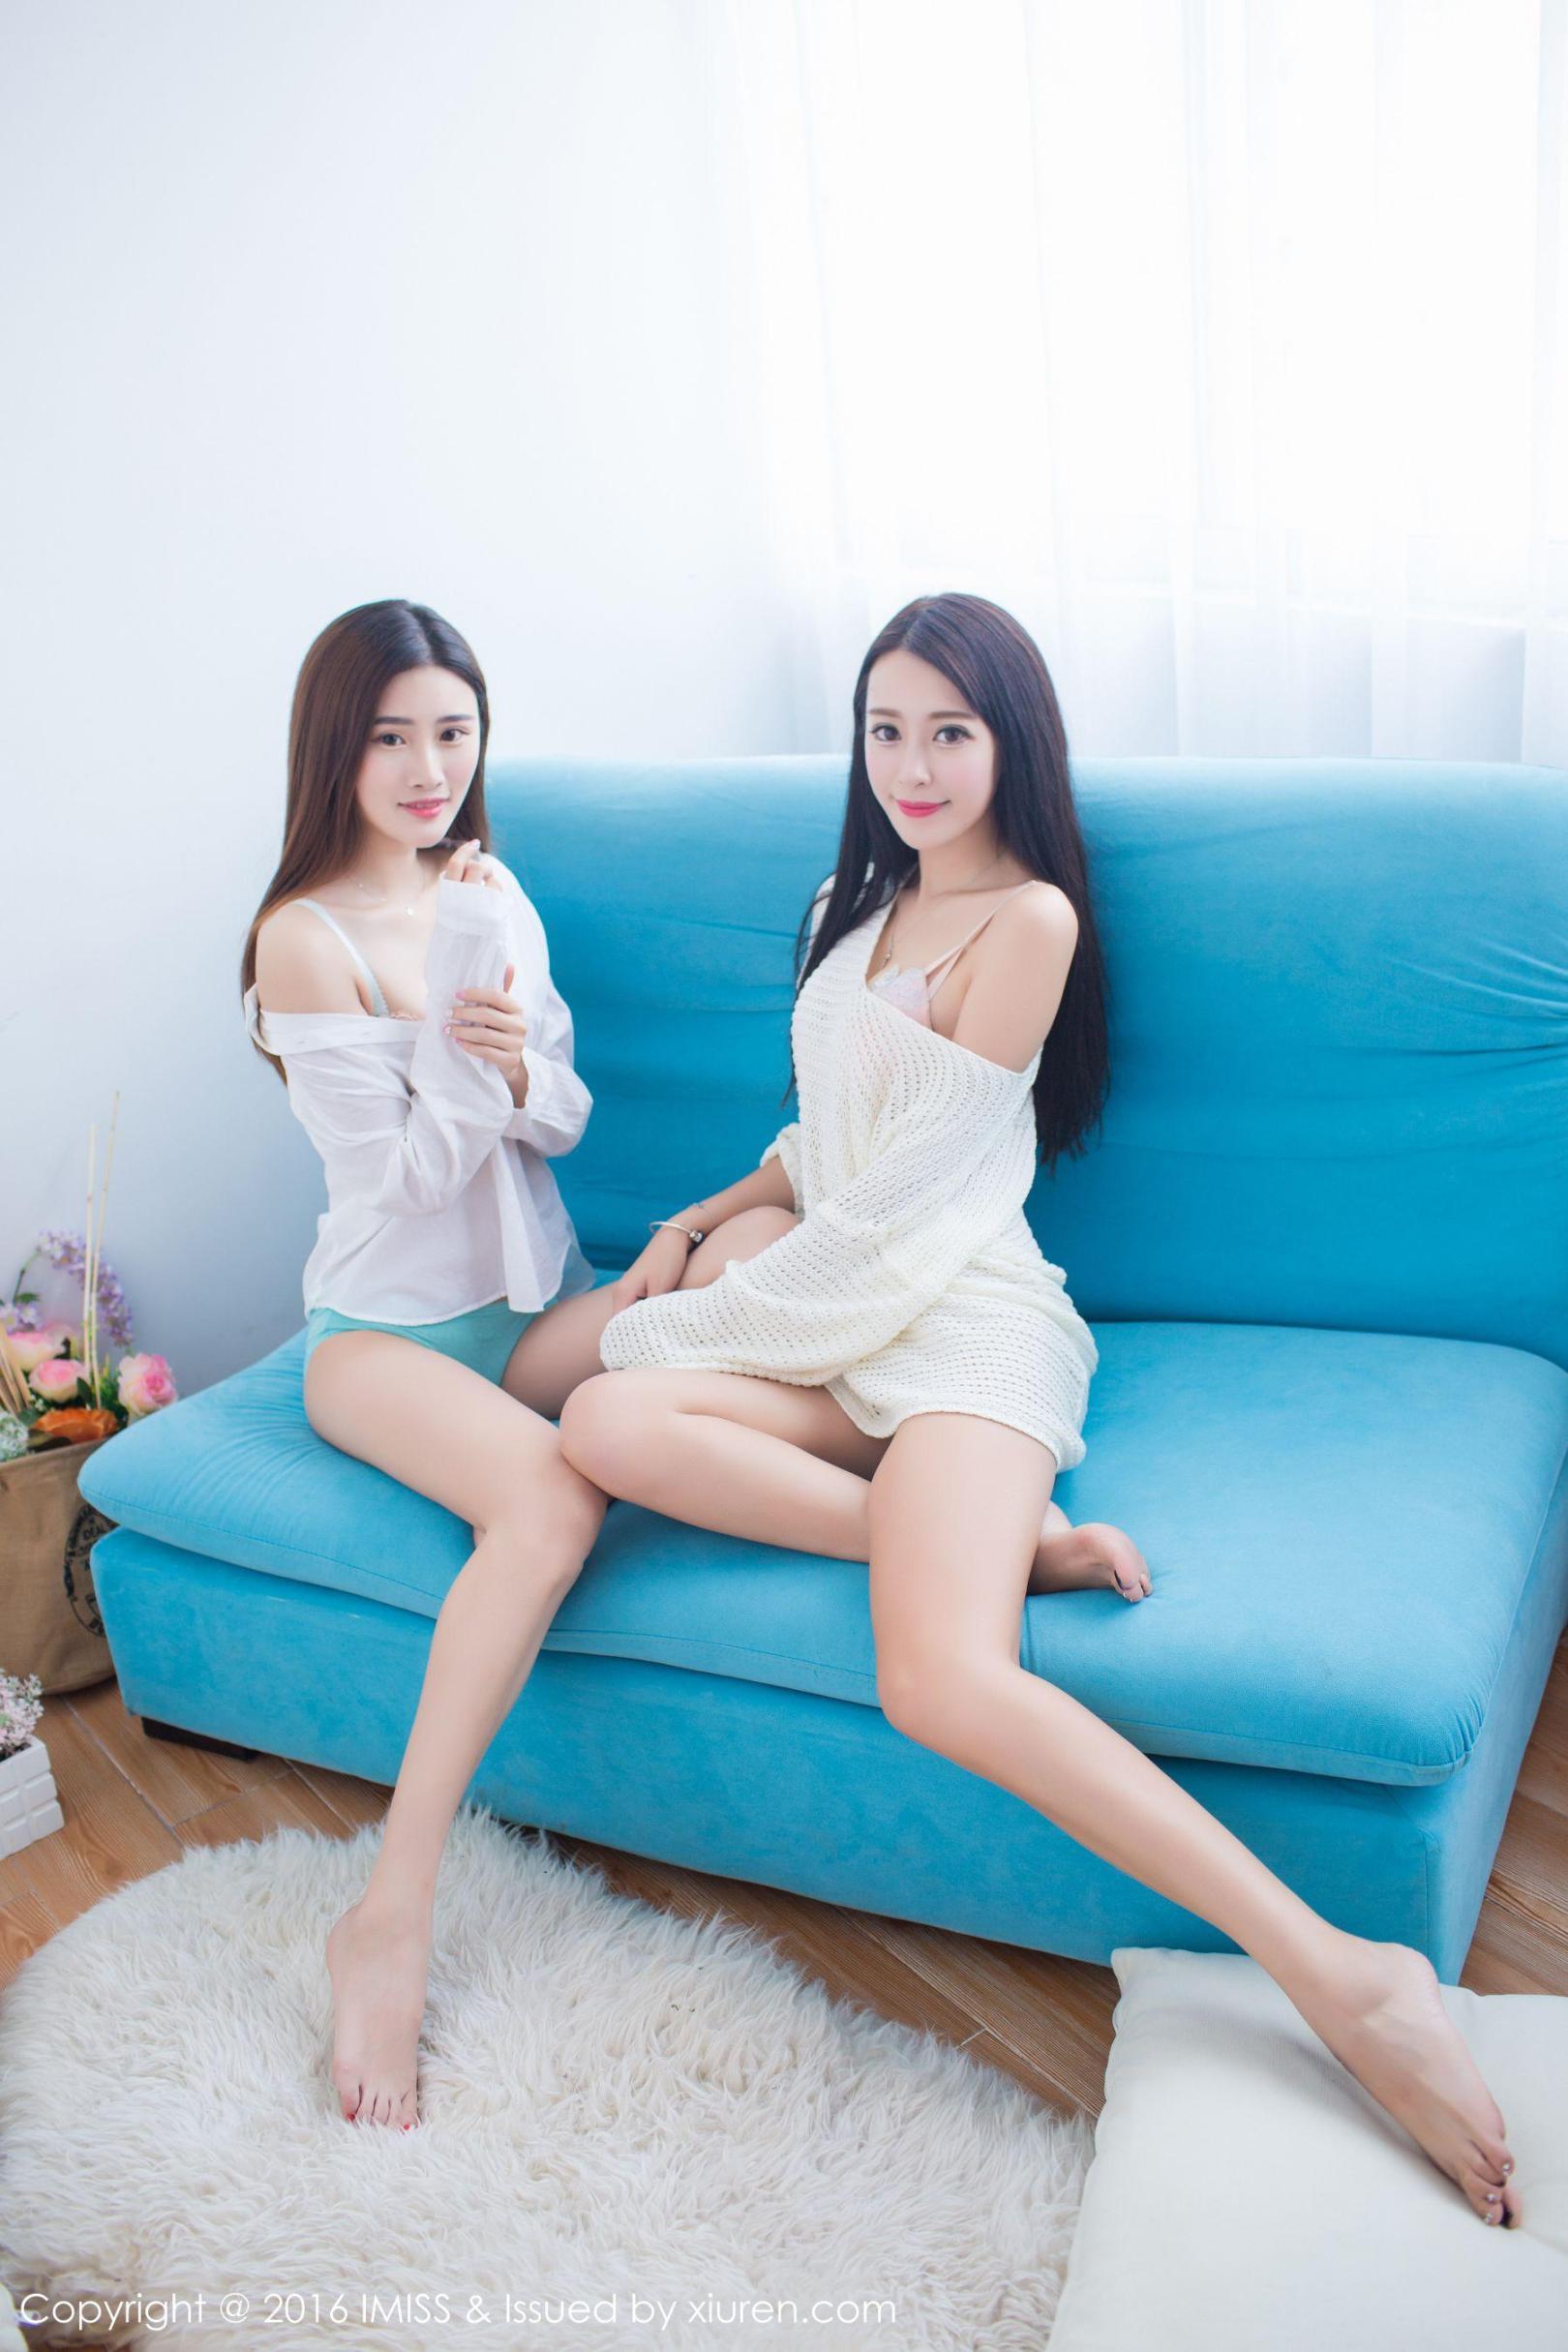 [推女神] 王曼妮 私房美腿系列 高清写真套图